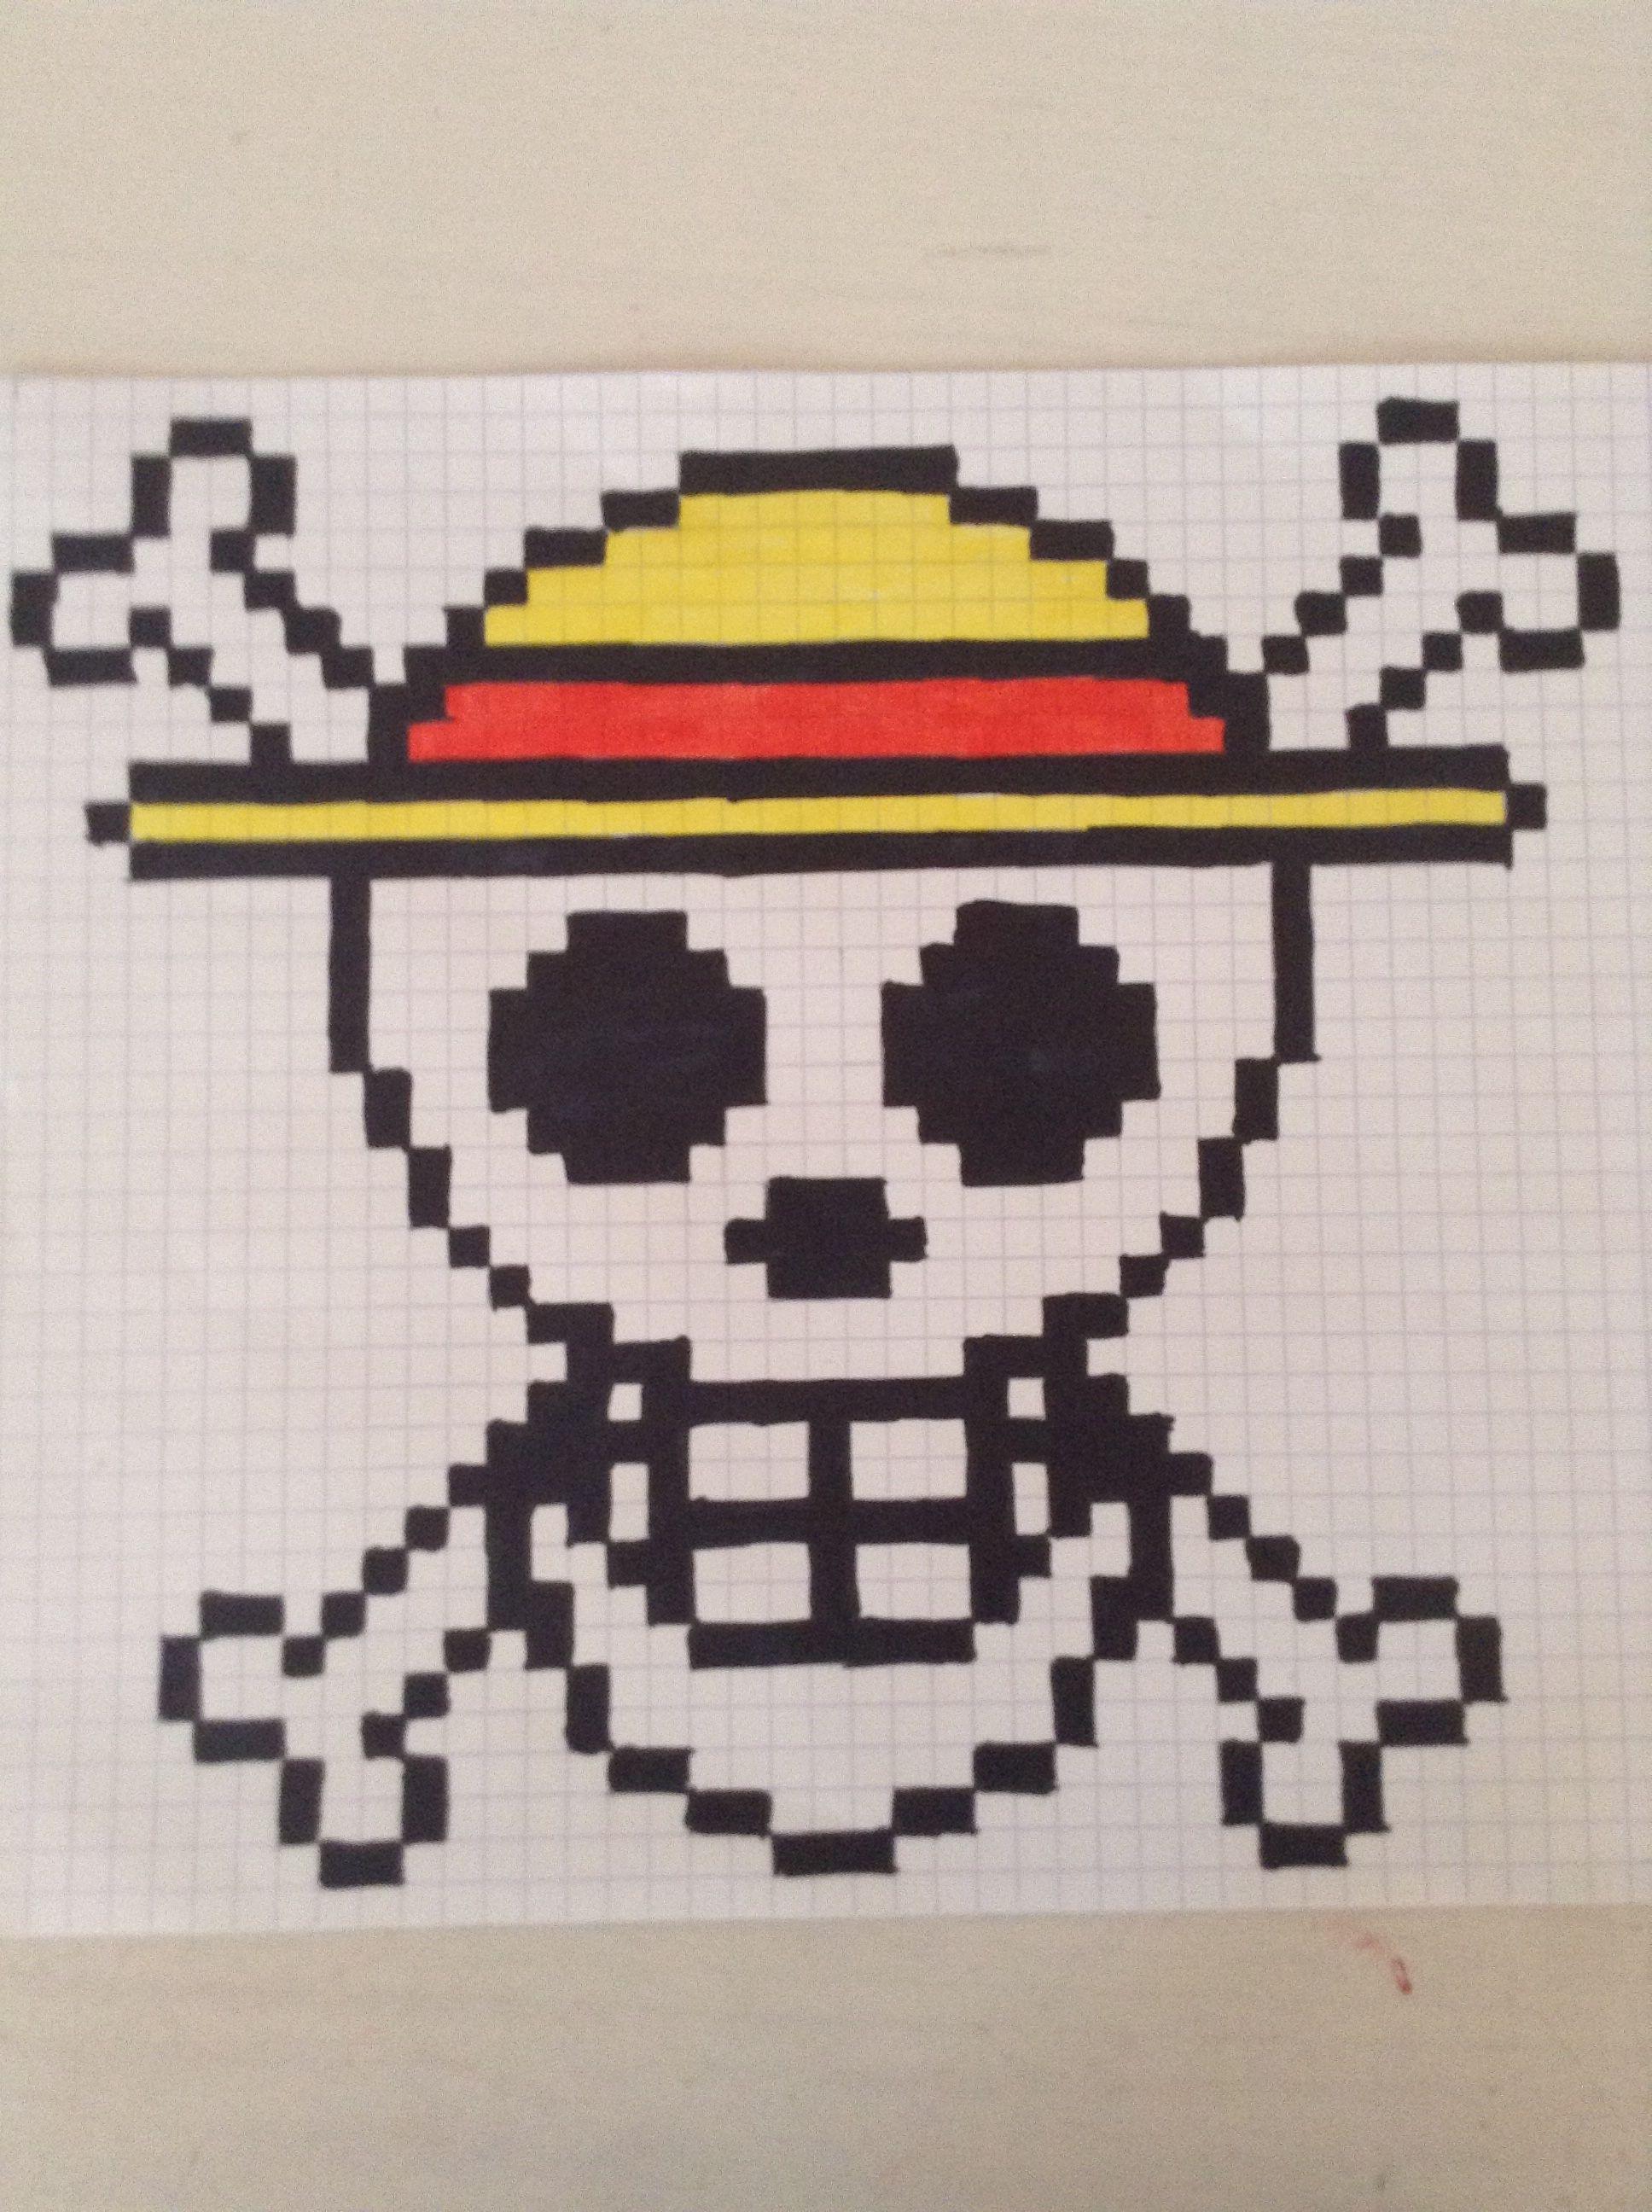 La t te de mort dans on peace en pixel mes dessins - Tete de mort facile ...